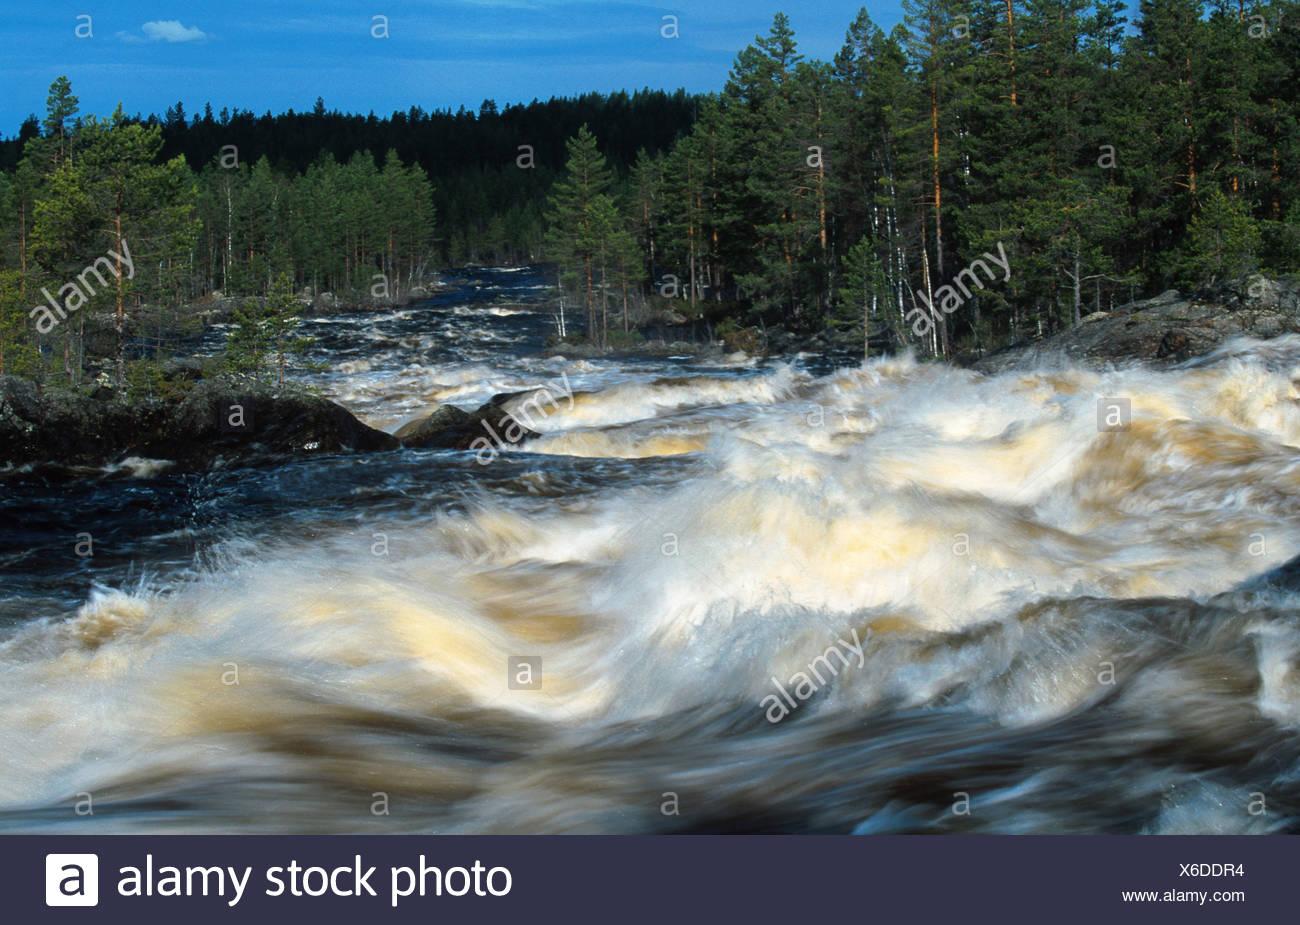 rapids in the river Vanan, Sweden, Dalarna Stock Photo